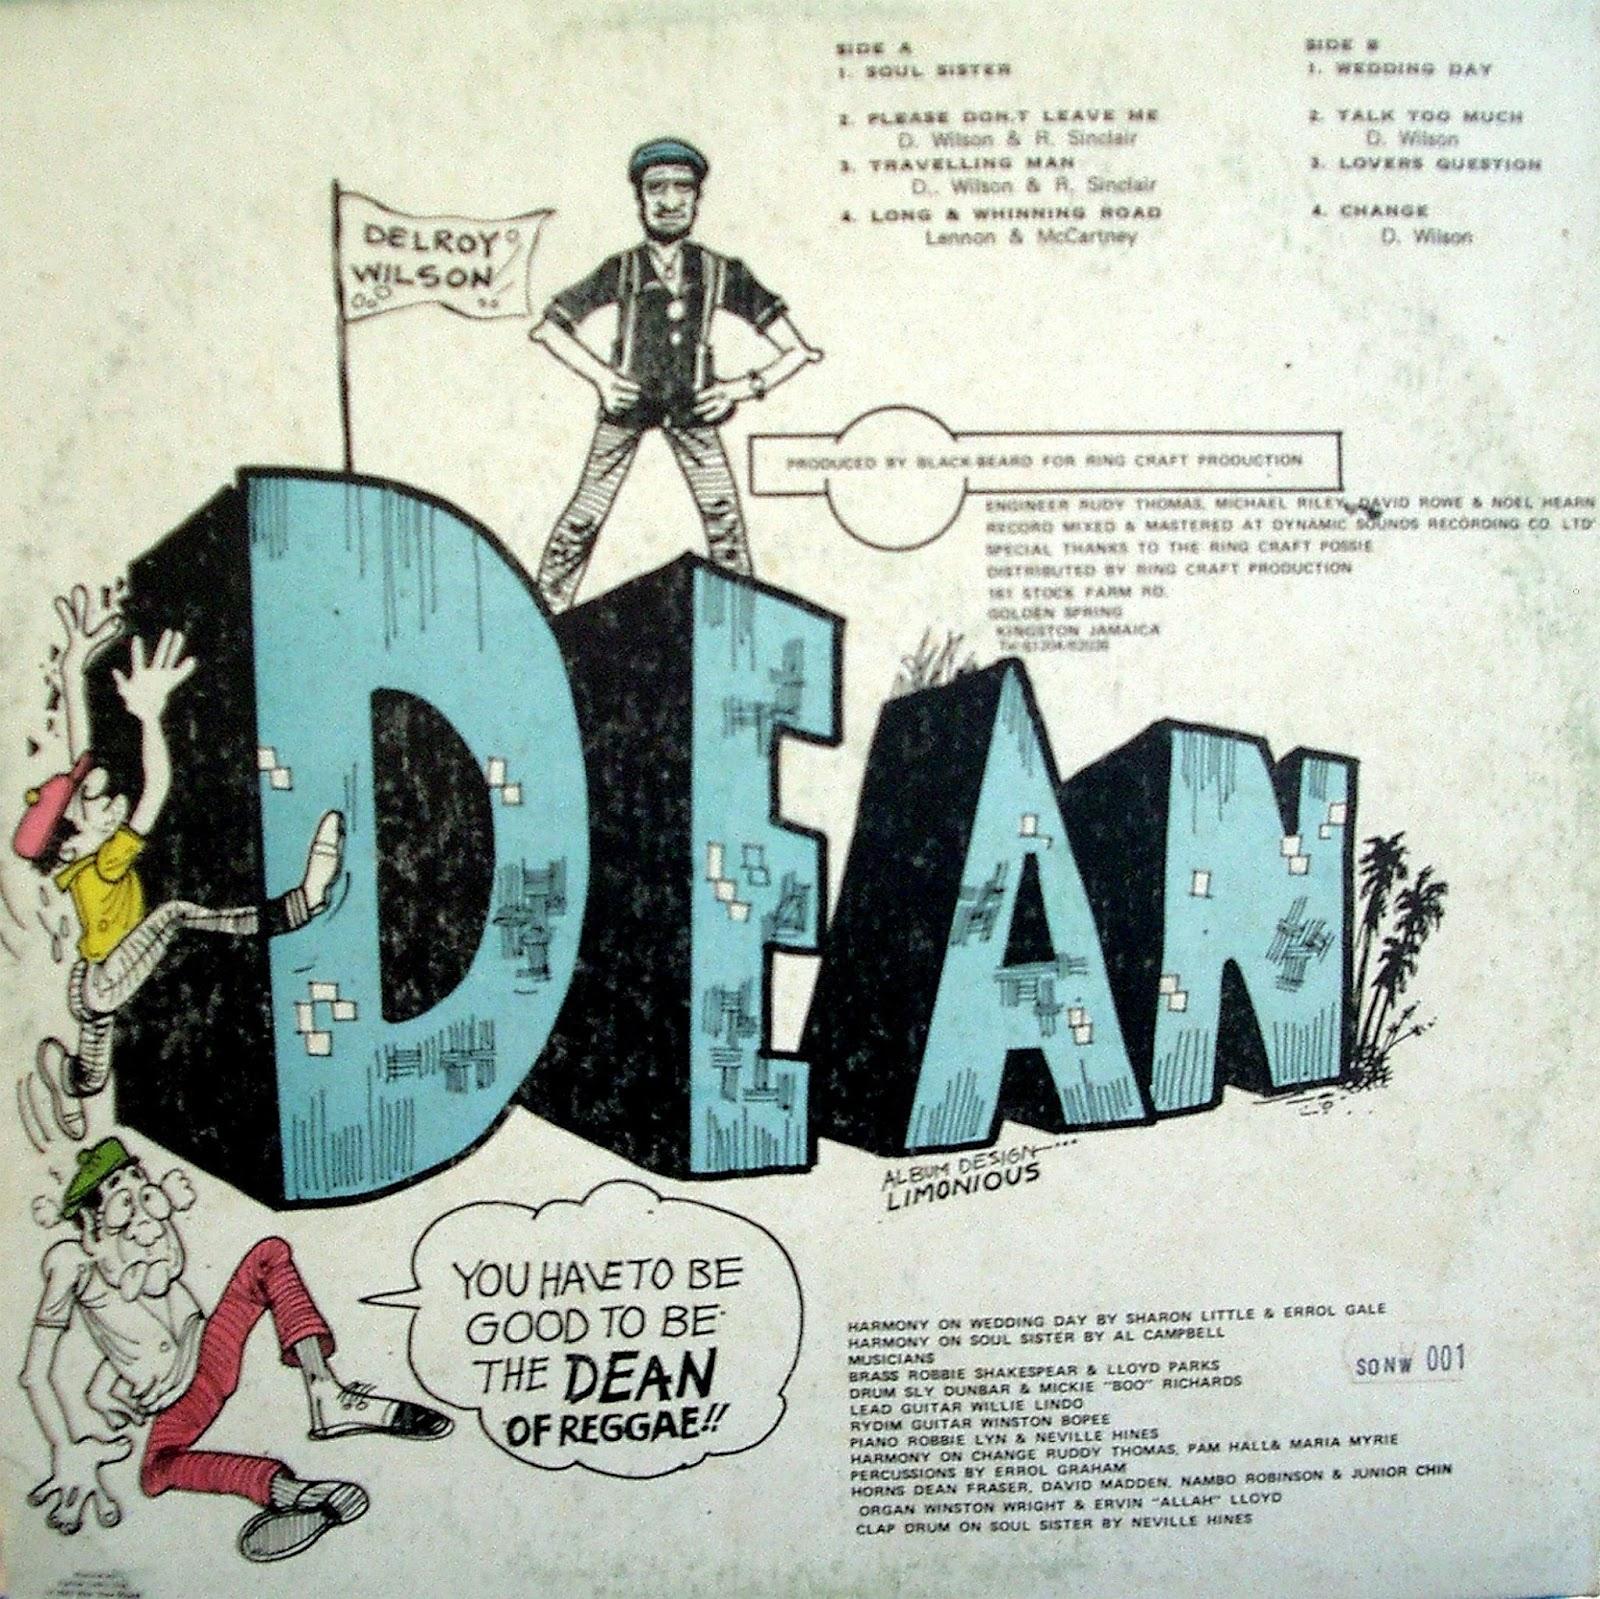 ROOTSBLOGSPOT COM: Delroy Wilson- The Dean of Reggae (1985)-Lp